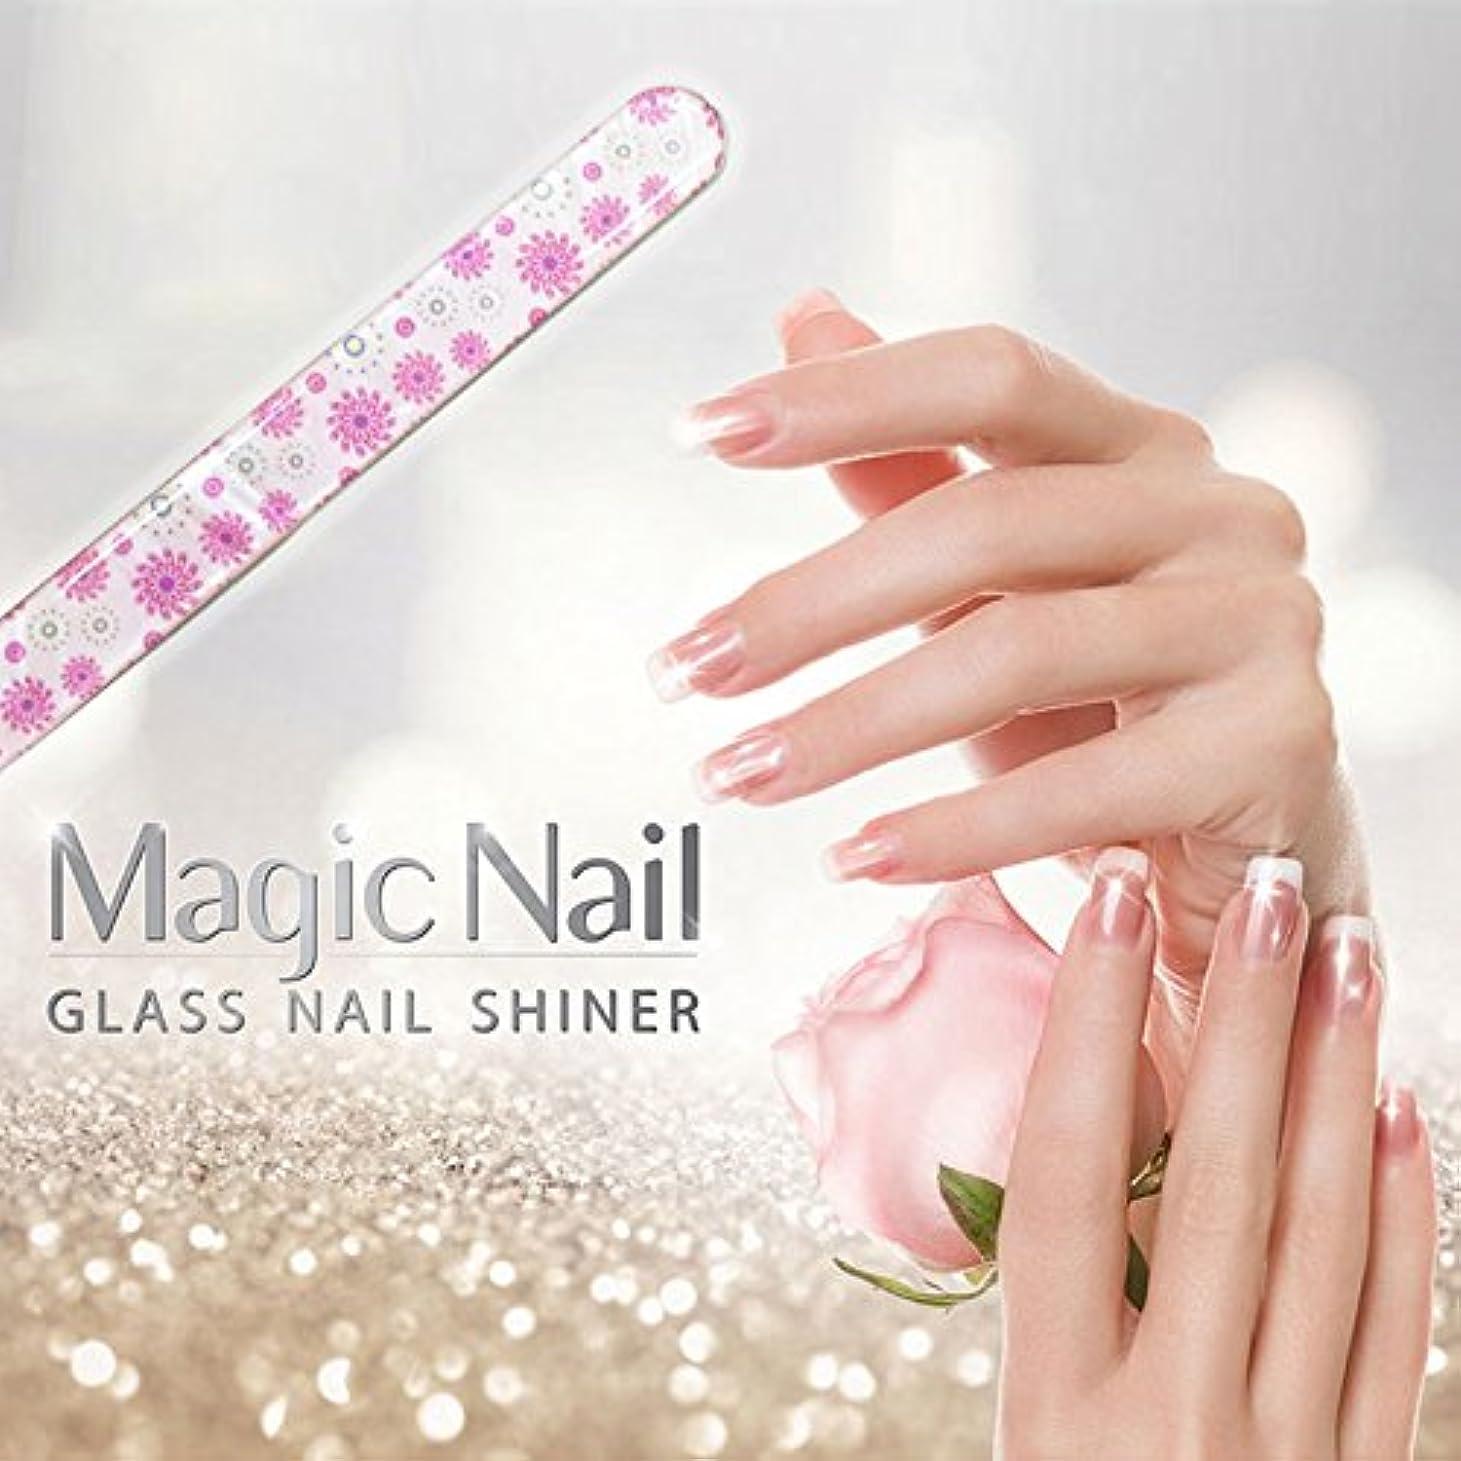 手のひらヨーグルト小康エッサンテ(Essante) マジックネイル magic nail マニキュアを塗ったようなツヤ、輝きが家で誰でも簡単に出来る glass nail shiner ガラスネイルシャイナー おしゃれなデザイン つめやすり ...